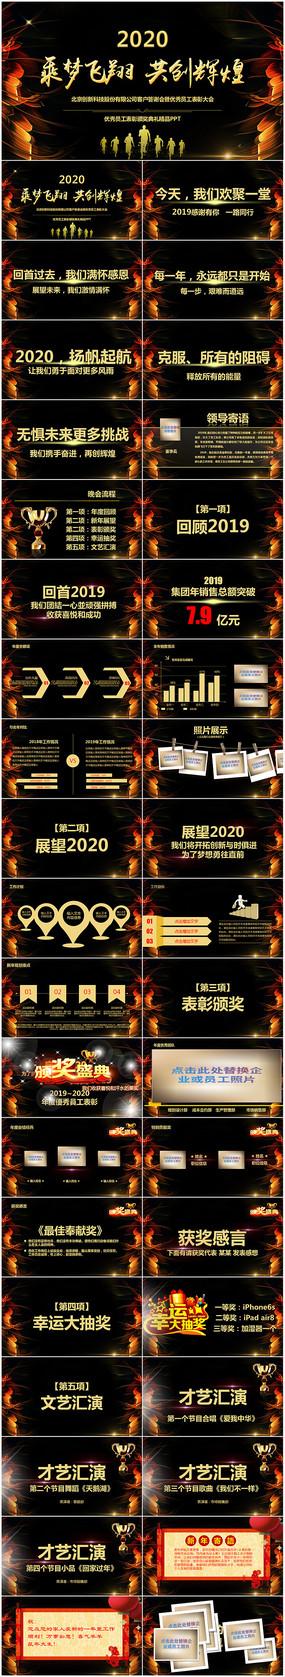 2020年会暨颁奖典礼ppt模板